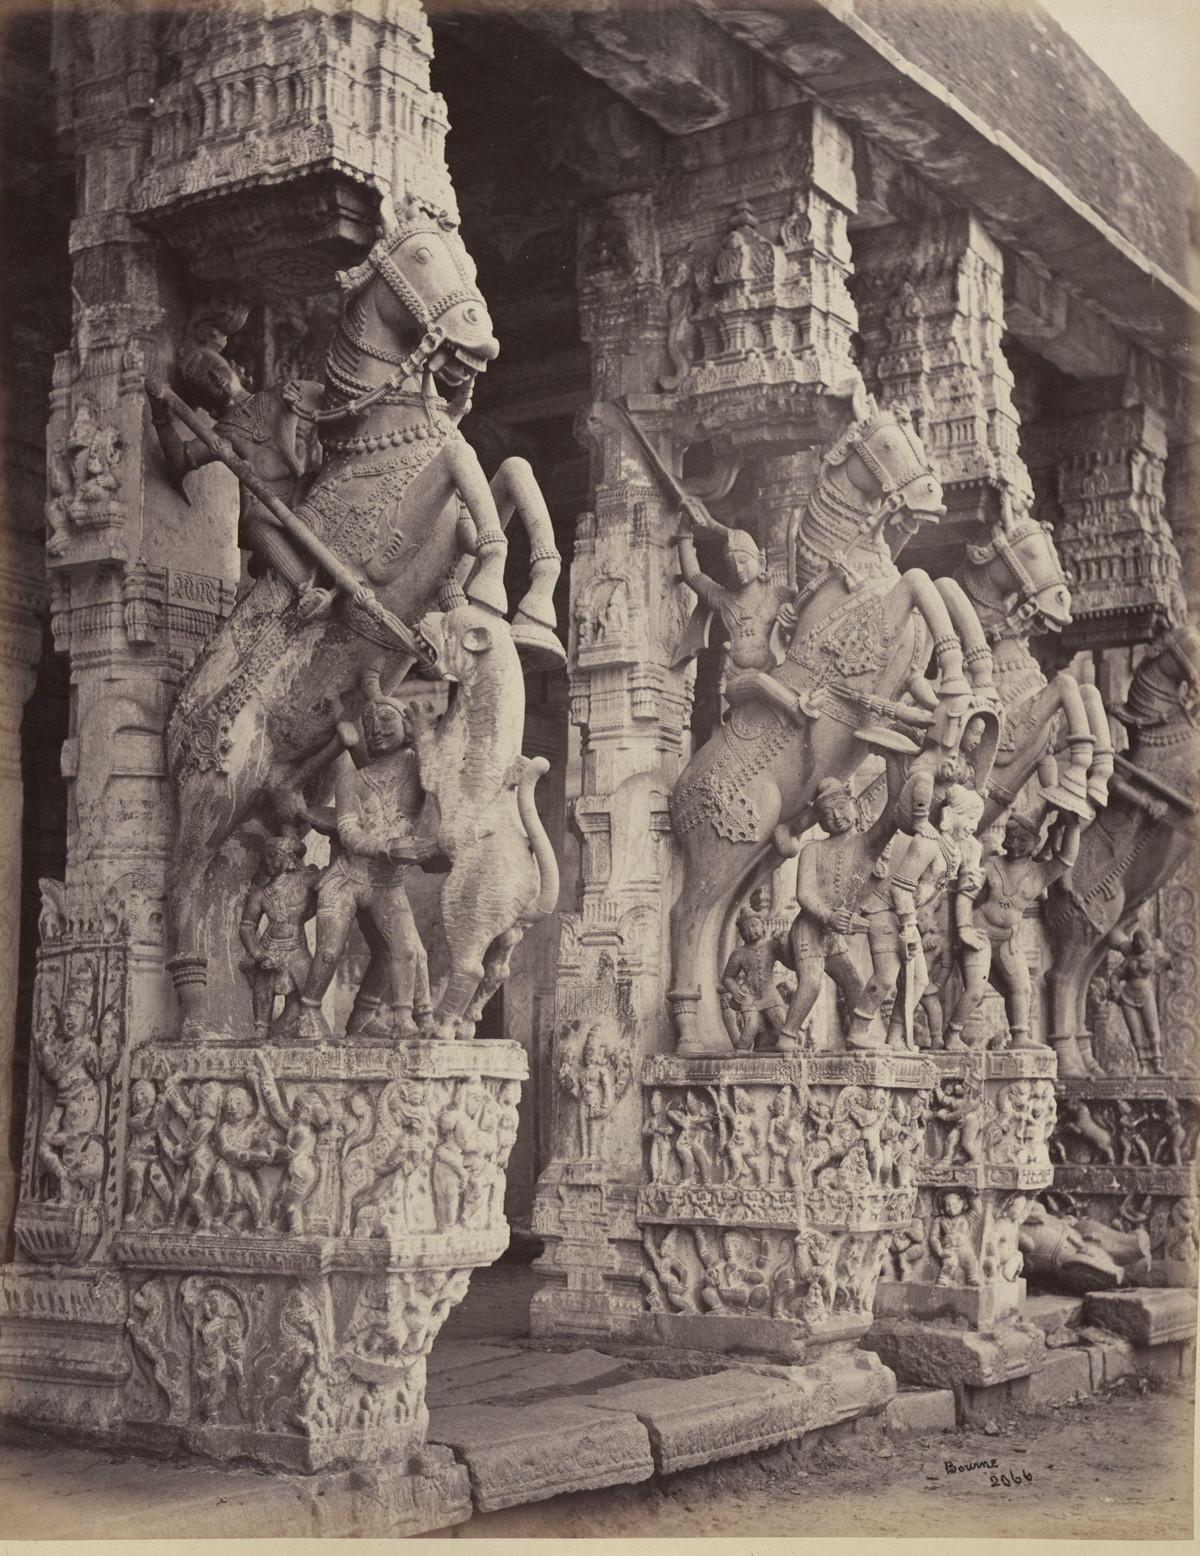 Albom fotografii indiiskoi arhitektury vzgliadov liudei 94